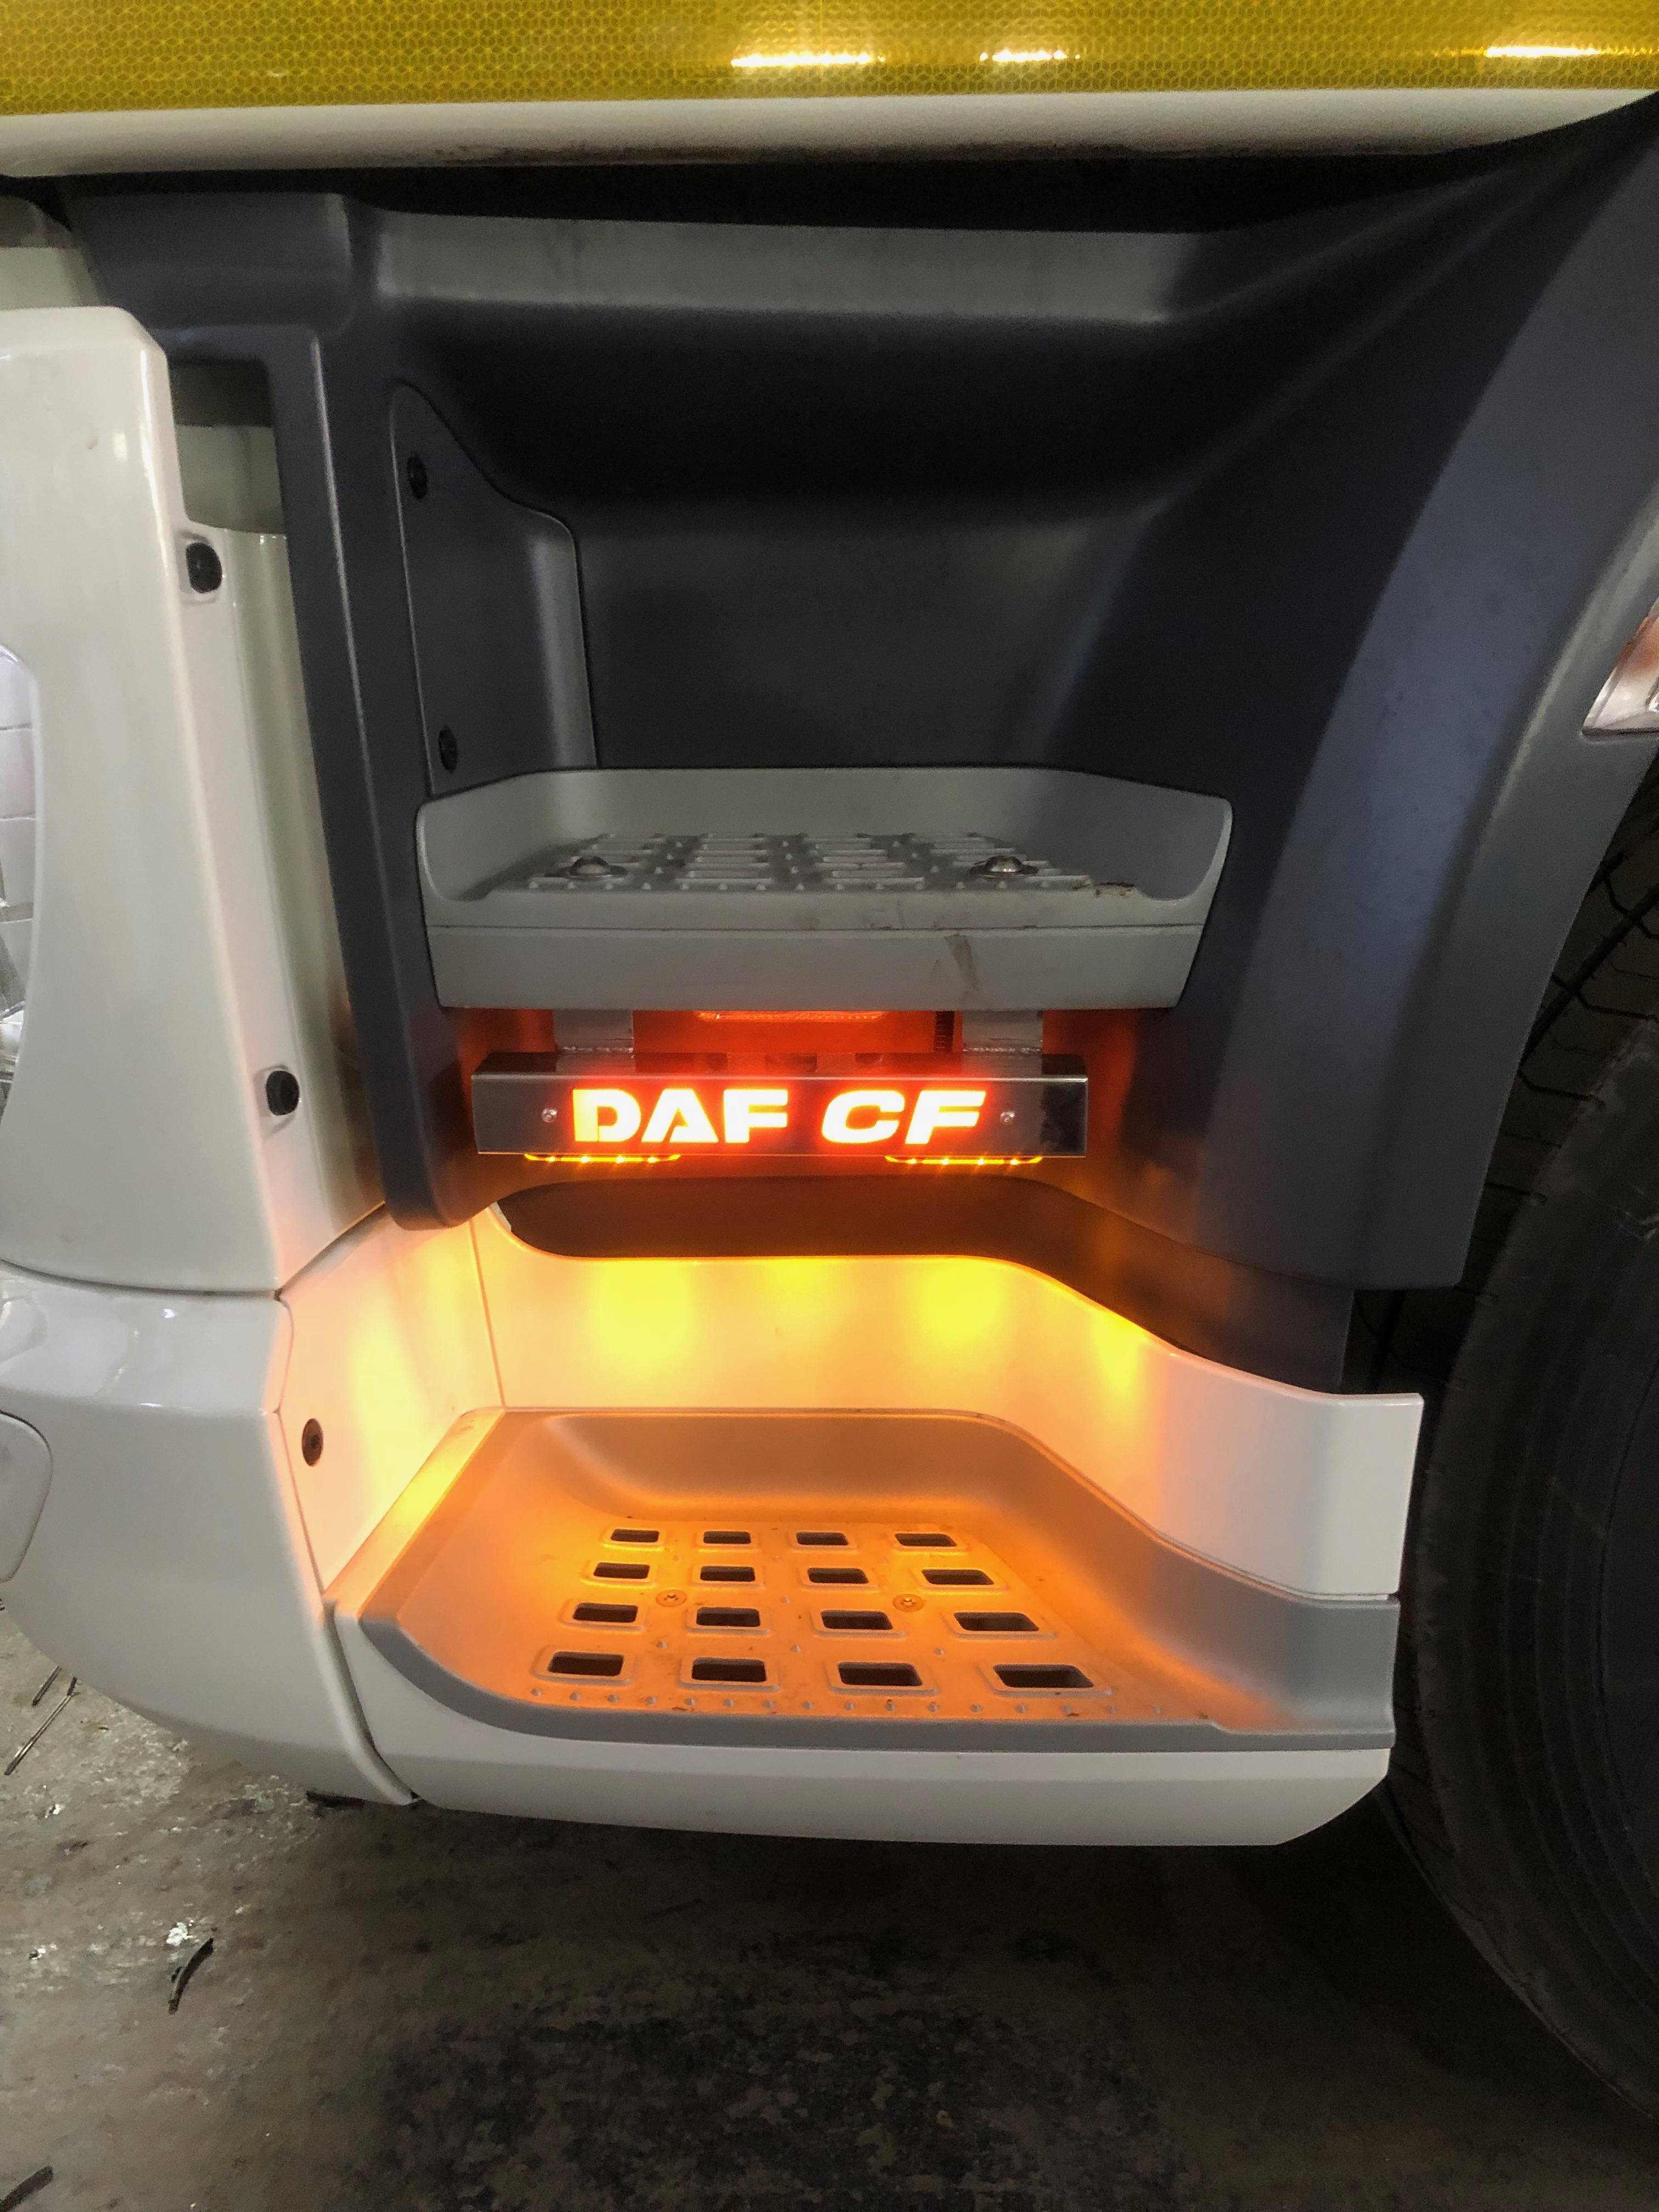 DAF CF Step Bars - DAF CF